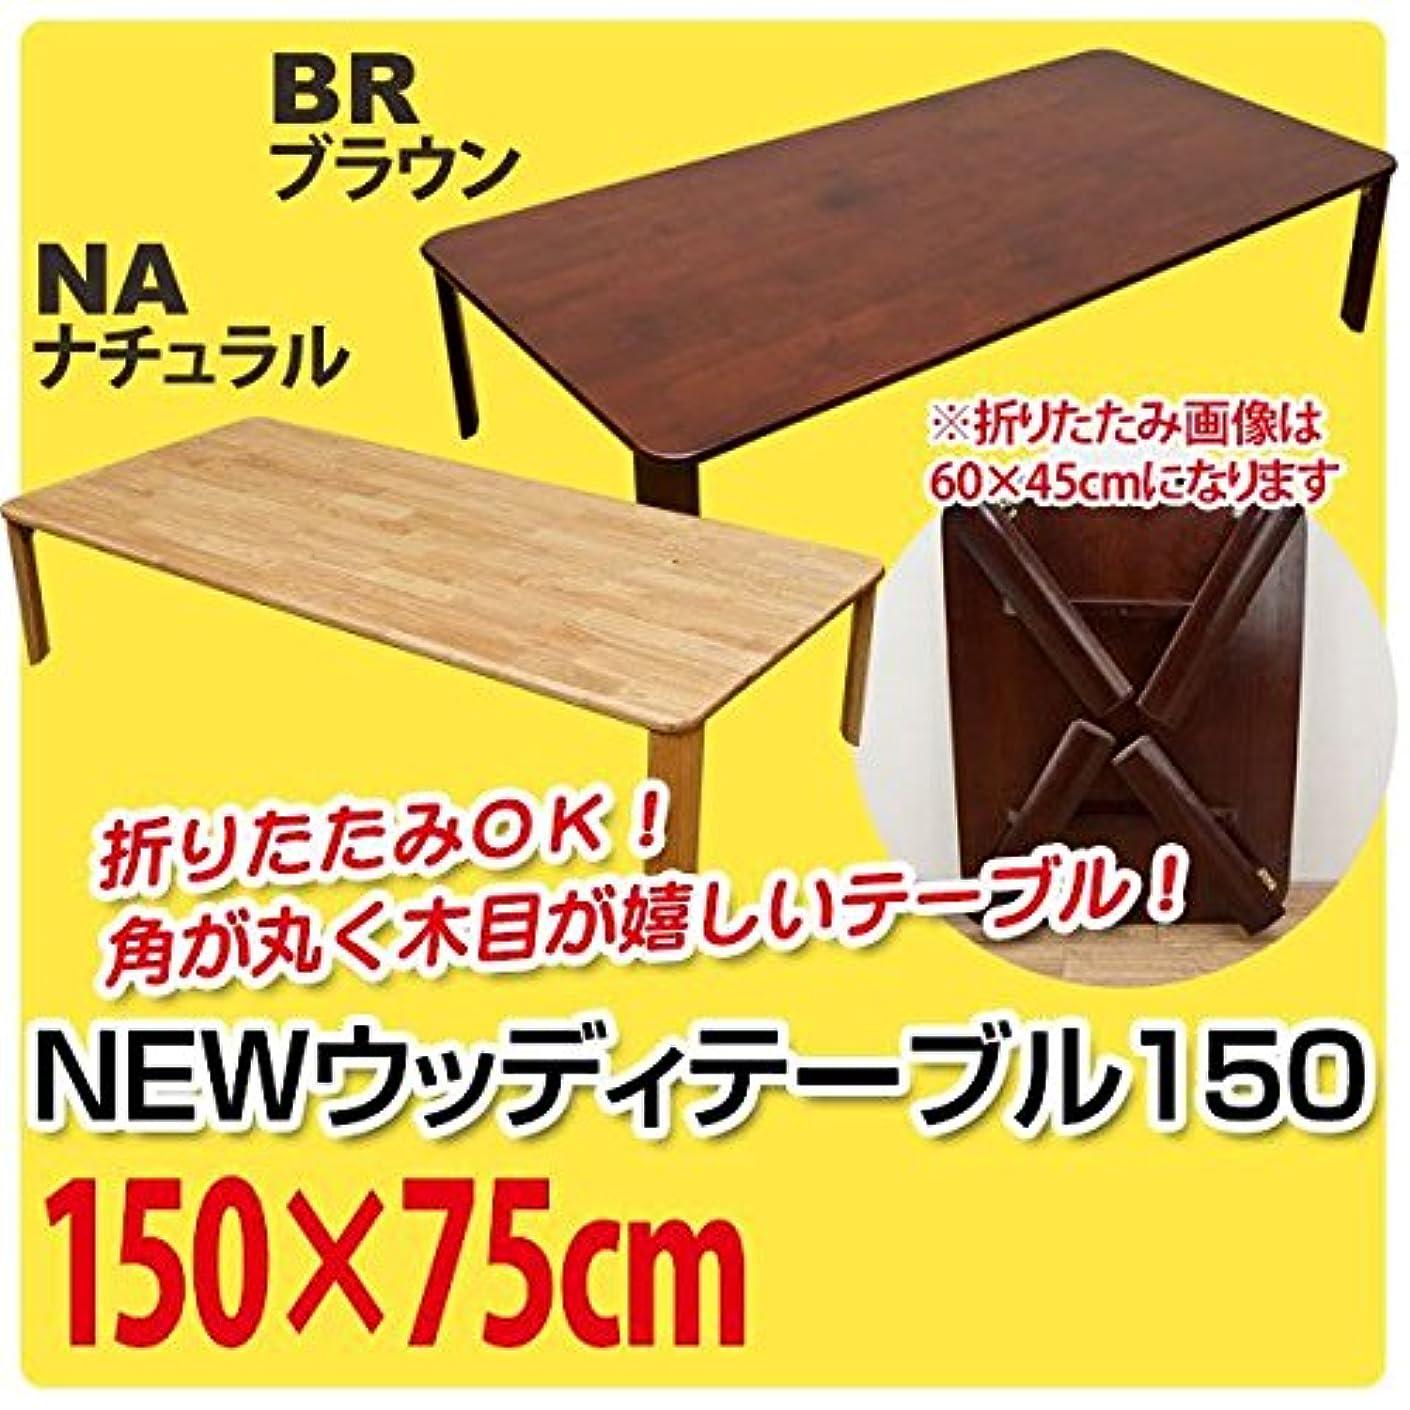 魔女たるみ出席WZ-1500NA(4.6)NEWウッディーテーブル 150 ナチュラル